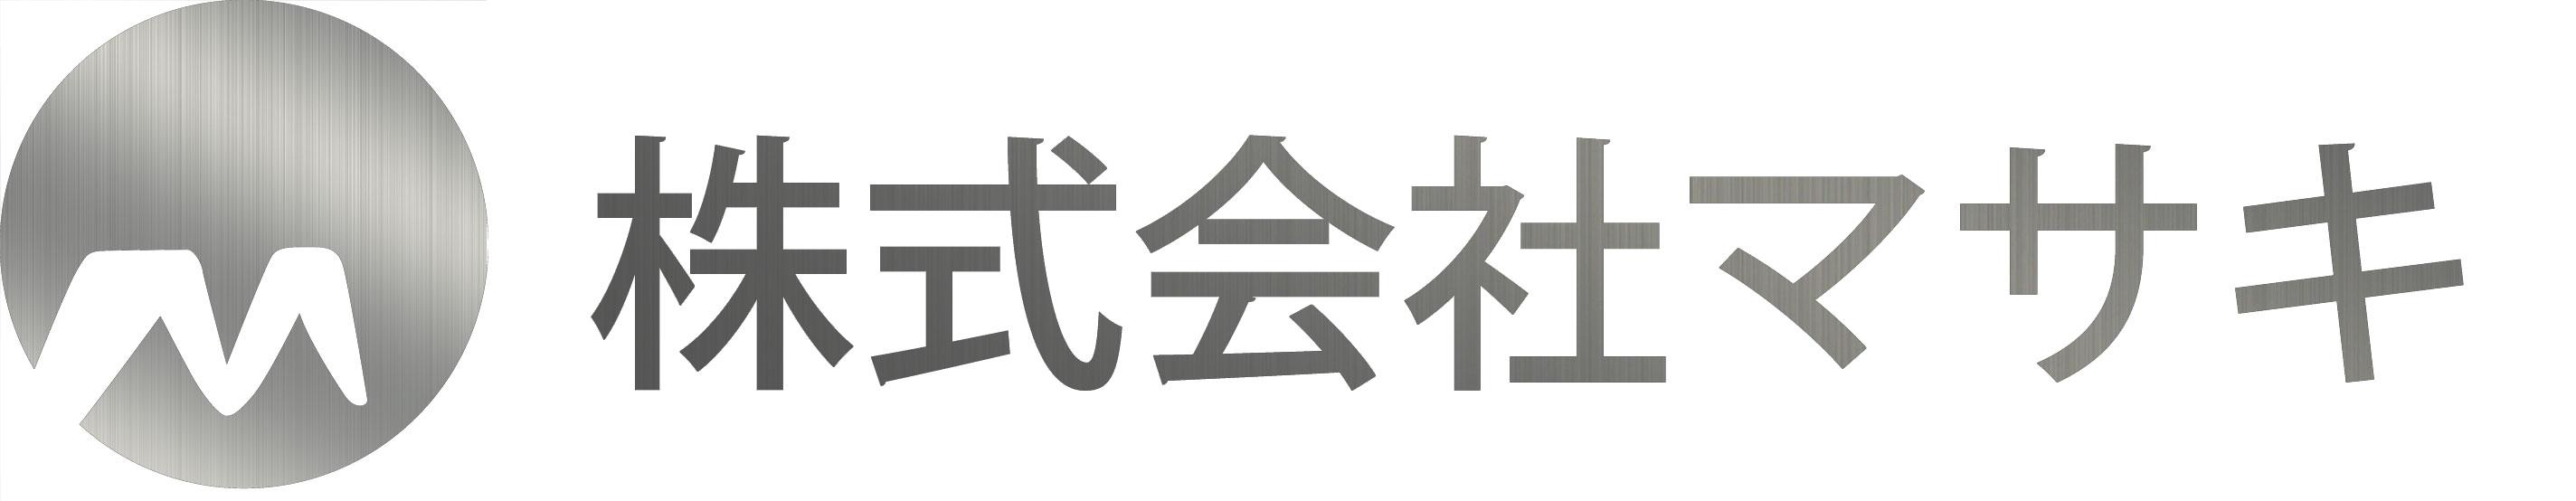 株式会社マサキ